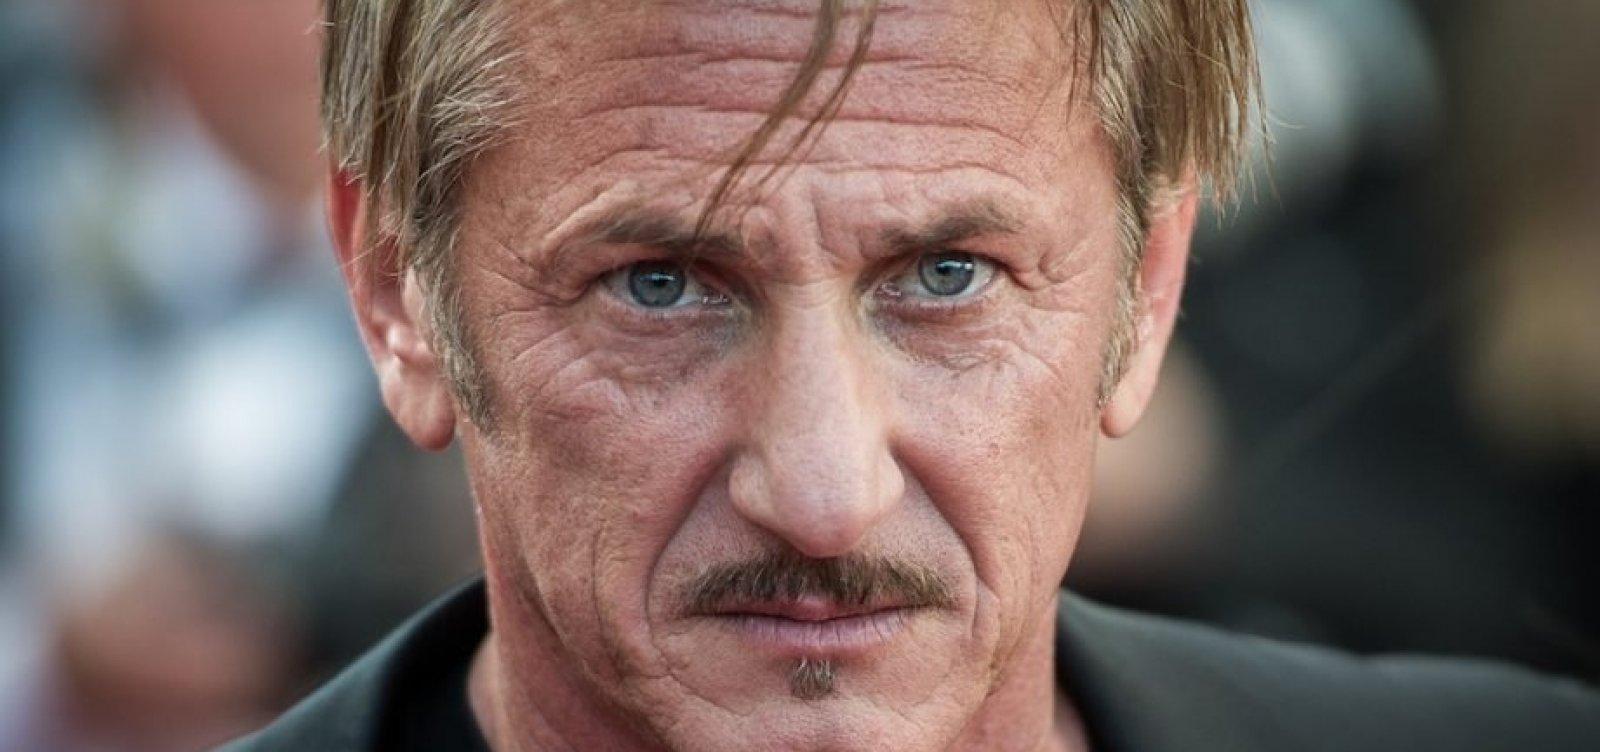 Sean Penn diz que movimento #MeToo serve para 'dividir homens e mulheres'